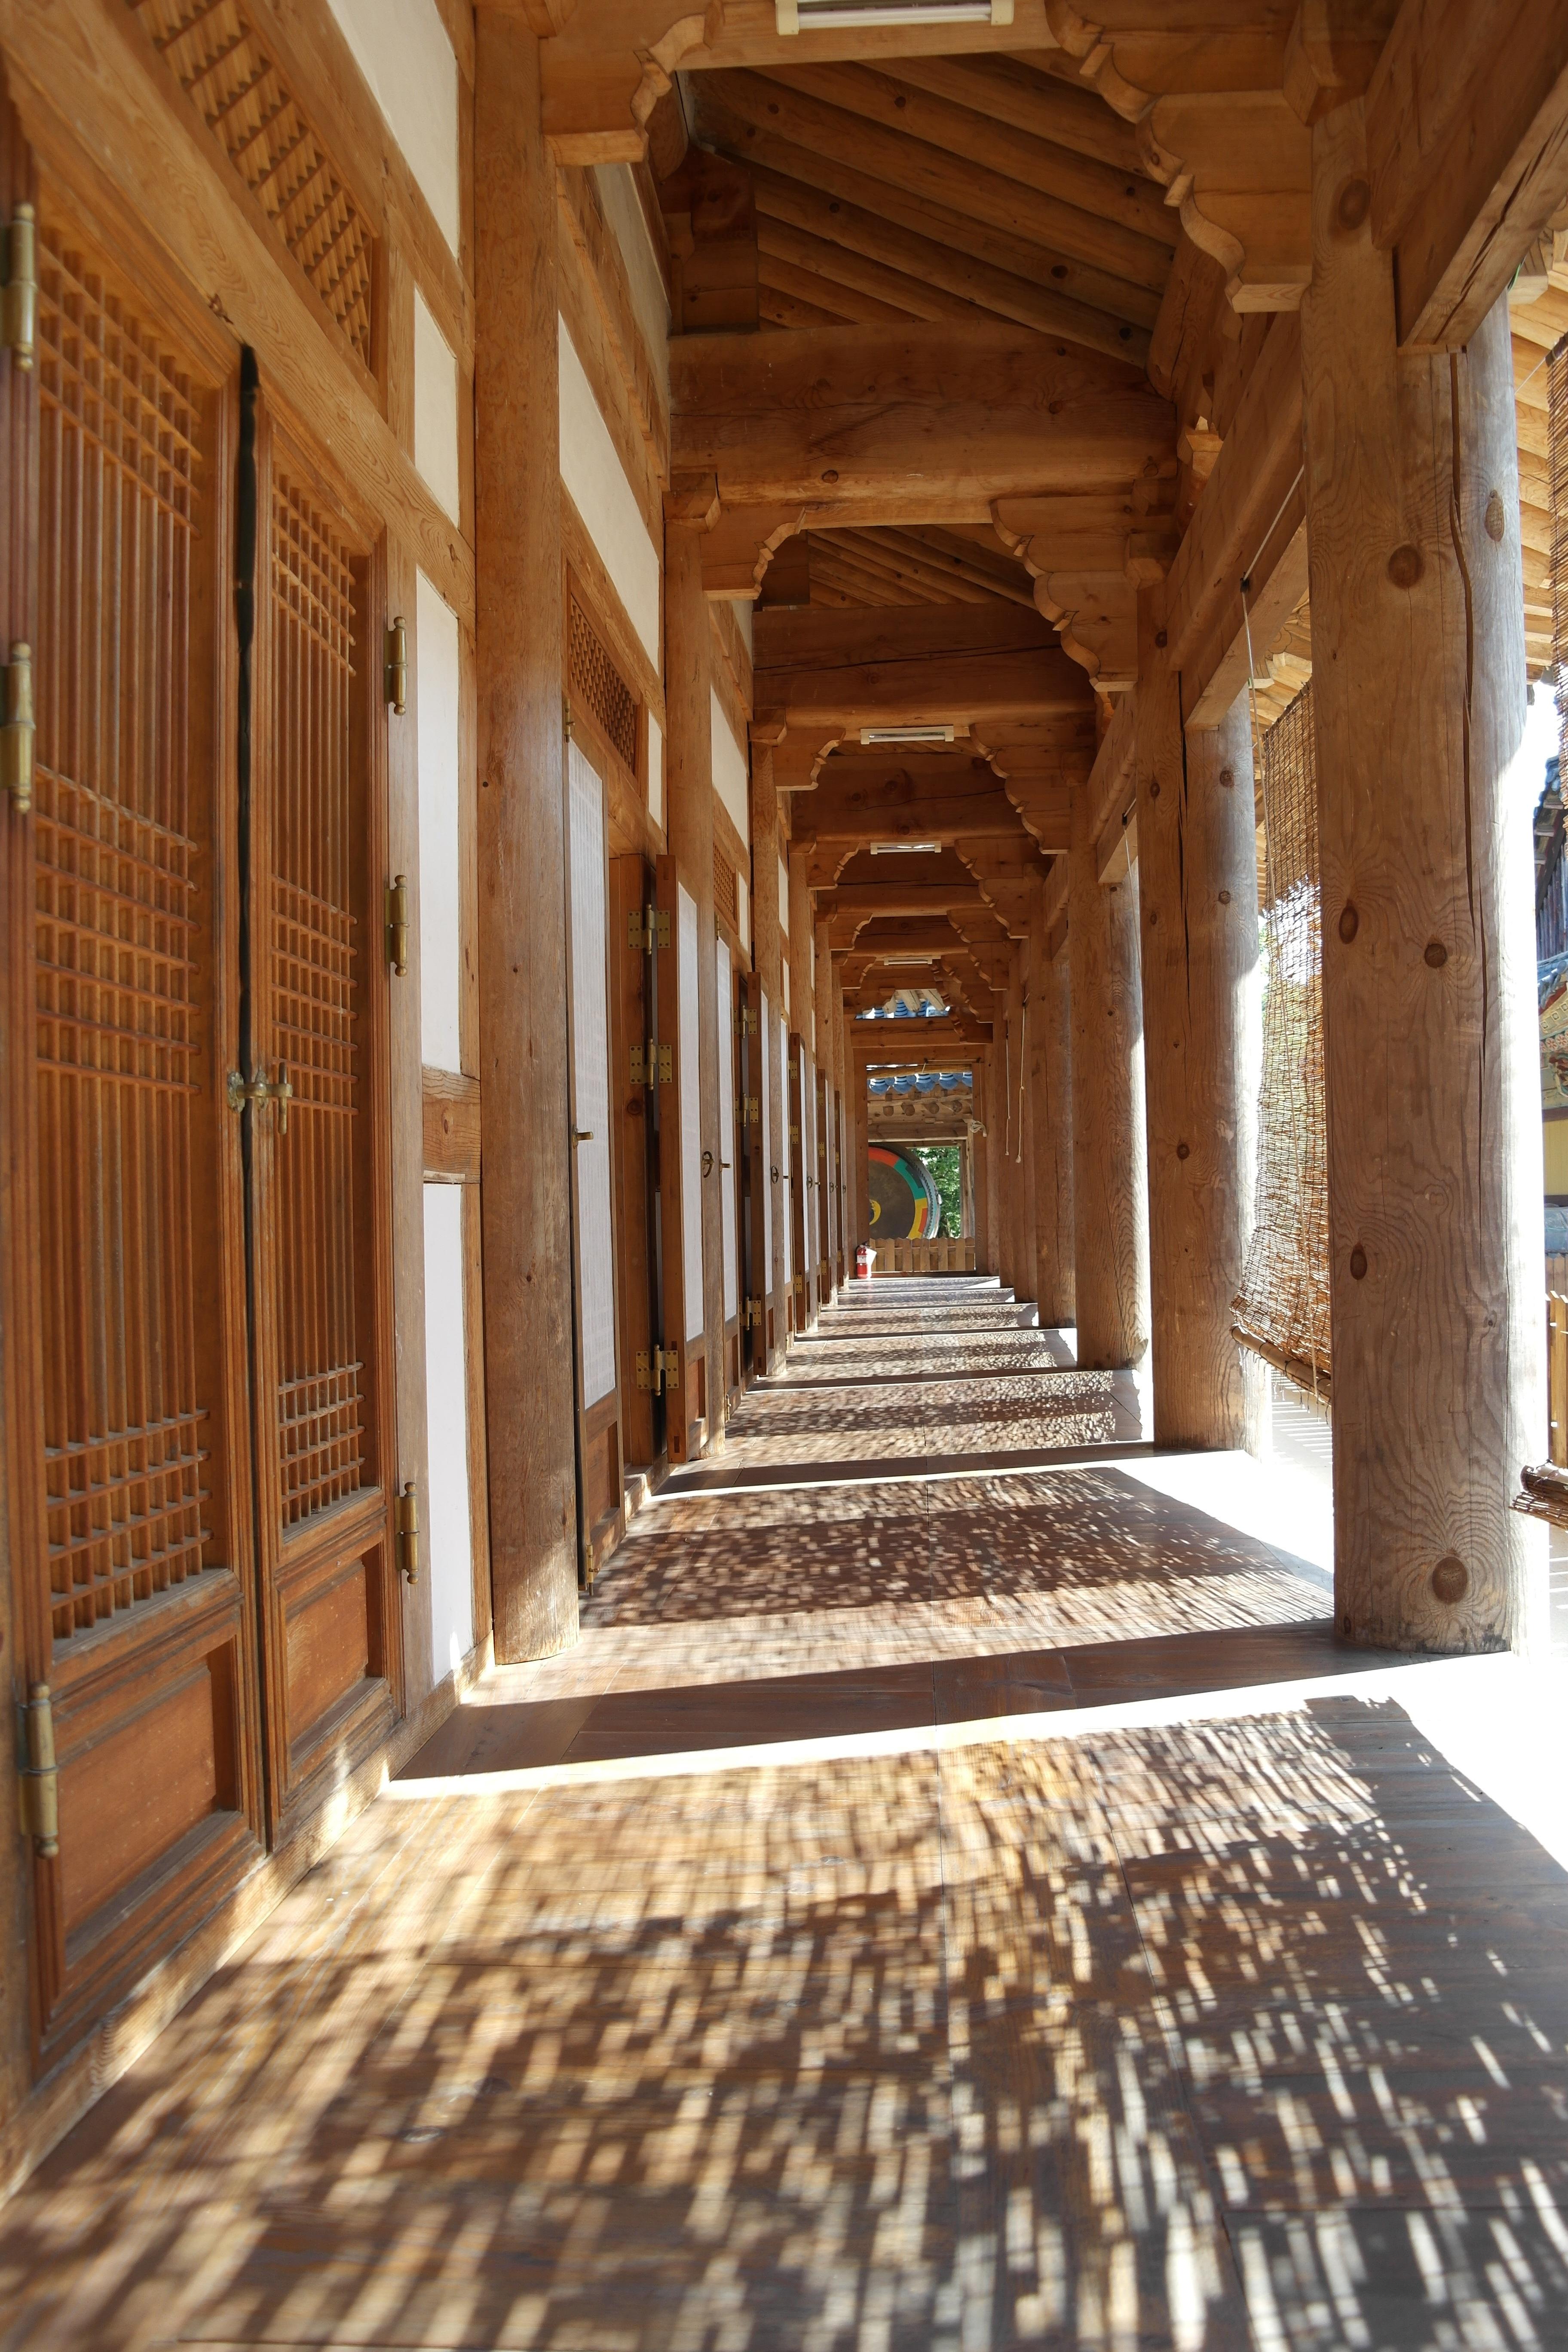 Gambar Jalan Arsitektur Kayu Rumah Besar Bangunan Istana